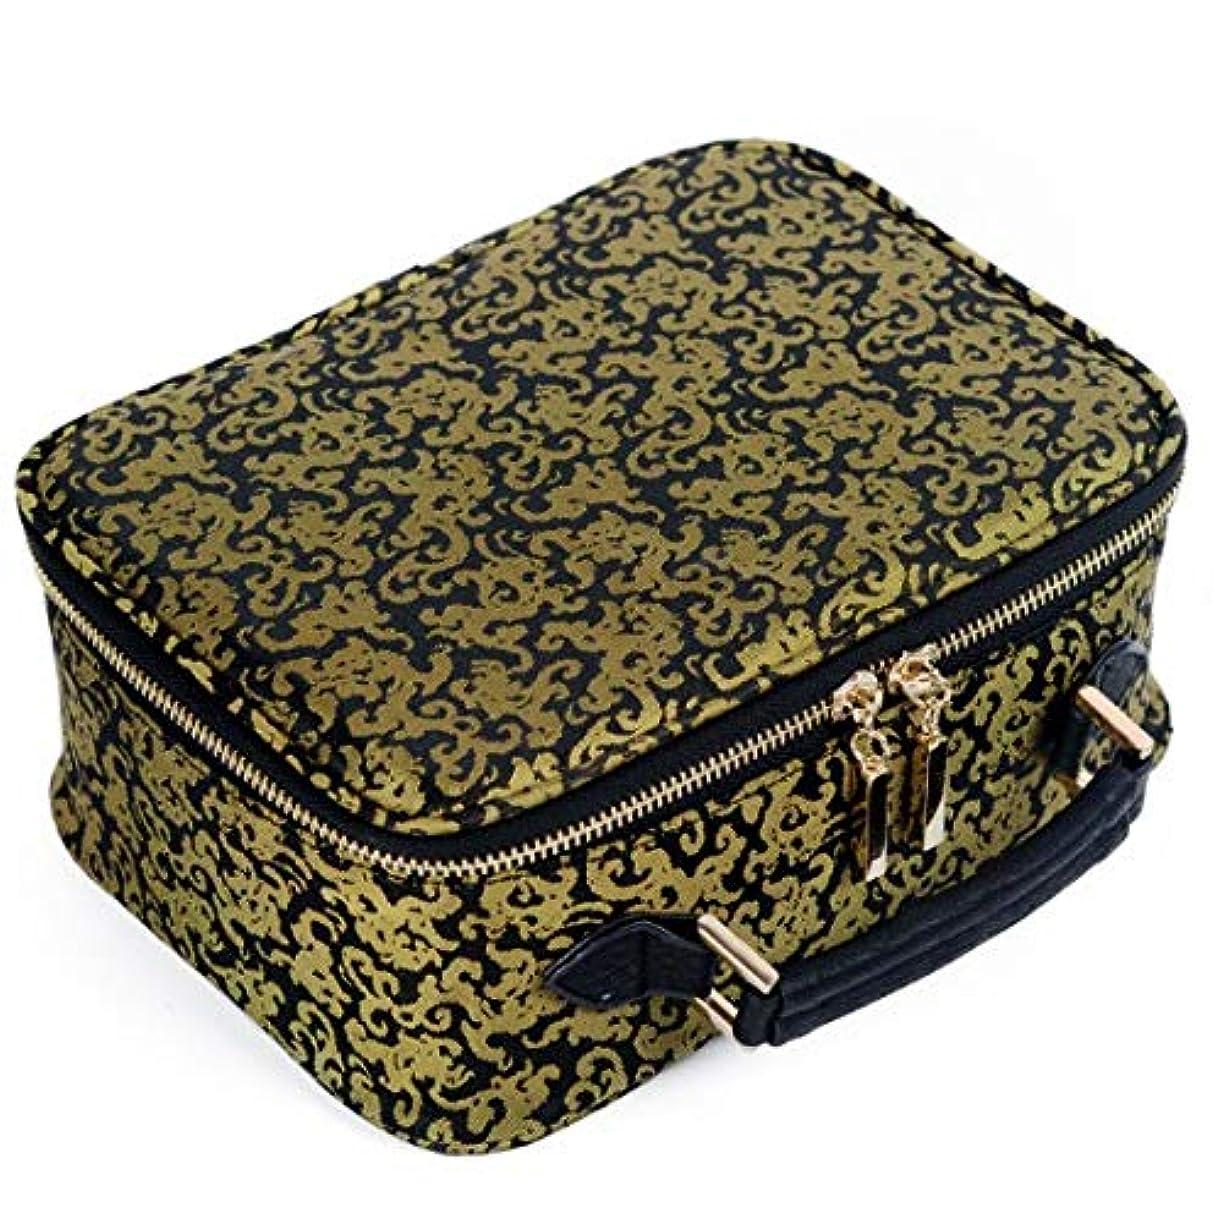 ジャングル綺麗な裏切るLYgMV 美容バッグ、ポータブルトラベルバッグ、プリントポータブル二重層羽目板化粧品バッグ収納袋防水、男性と女性のウォッシュバッグ